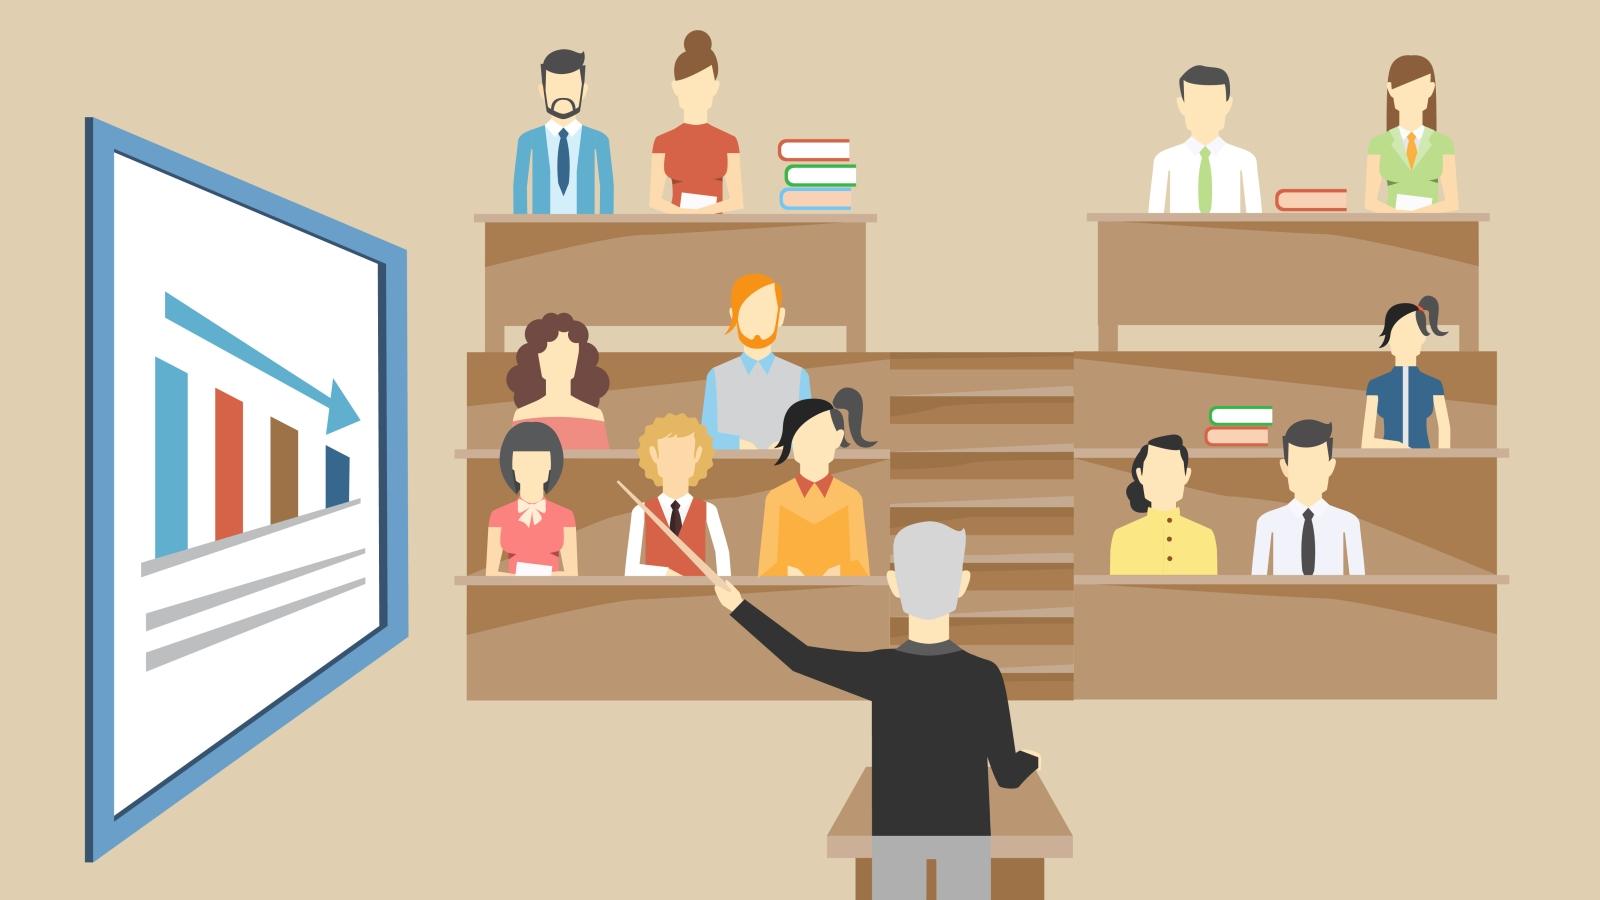 അധ്യാപക ഒഴിവ് (അറബിക്, ഇക്കണോമിക്സ് , ഇംഗ്ലീഷ് )  Teacher Vacancy